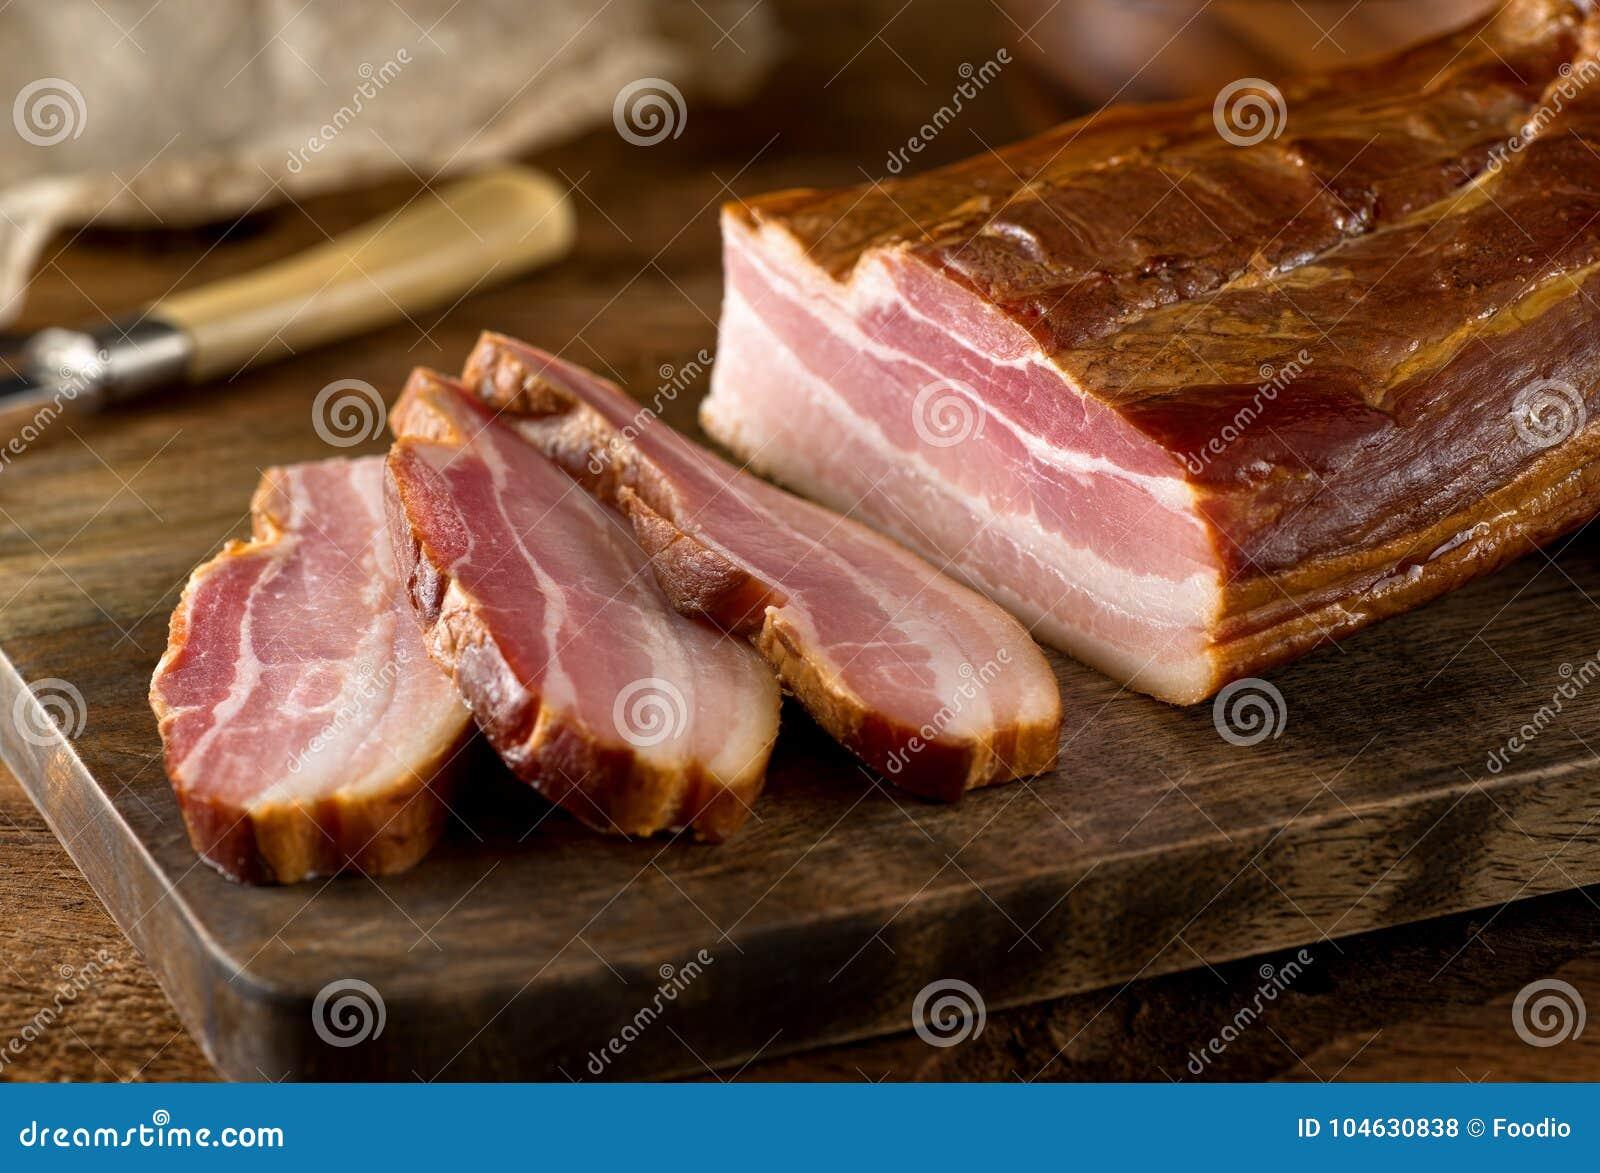 Download Geheel Gerookt Plakbacon stock foto. Afbeelding bestaande uit delicatessen - 104630838